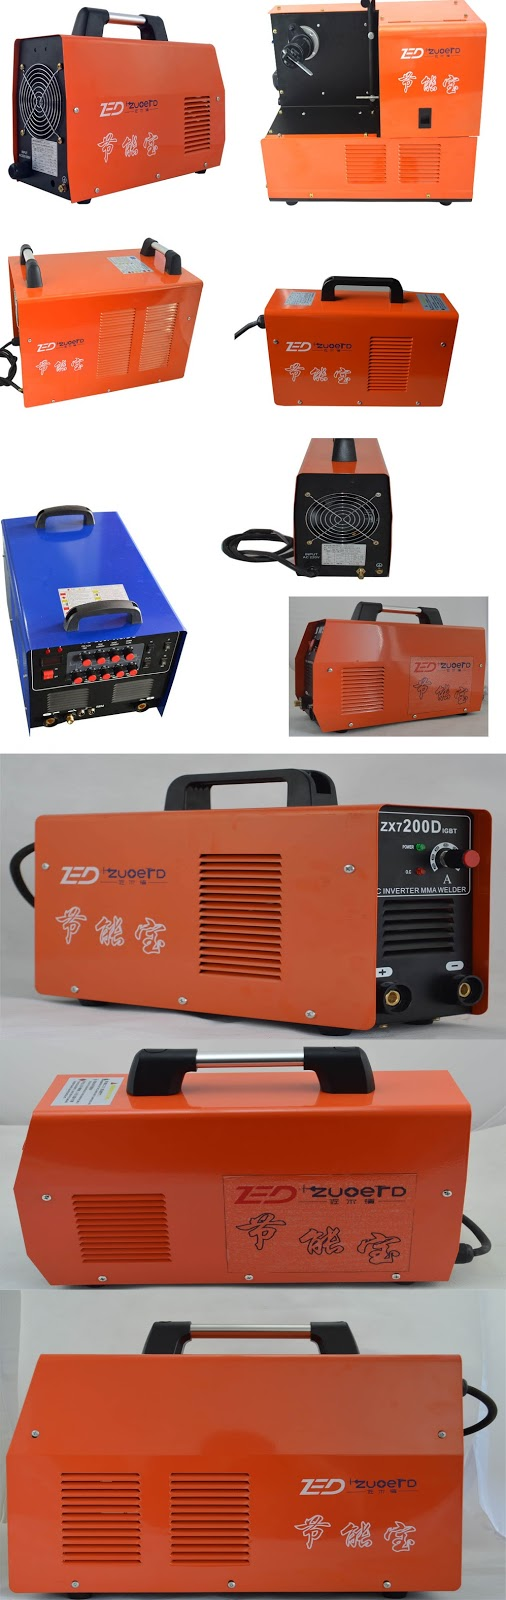 medium resolution of mos dc inverter tig welder igbt gas shielded welding machine mos inverter air plasma cutting